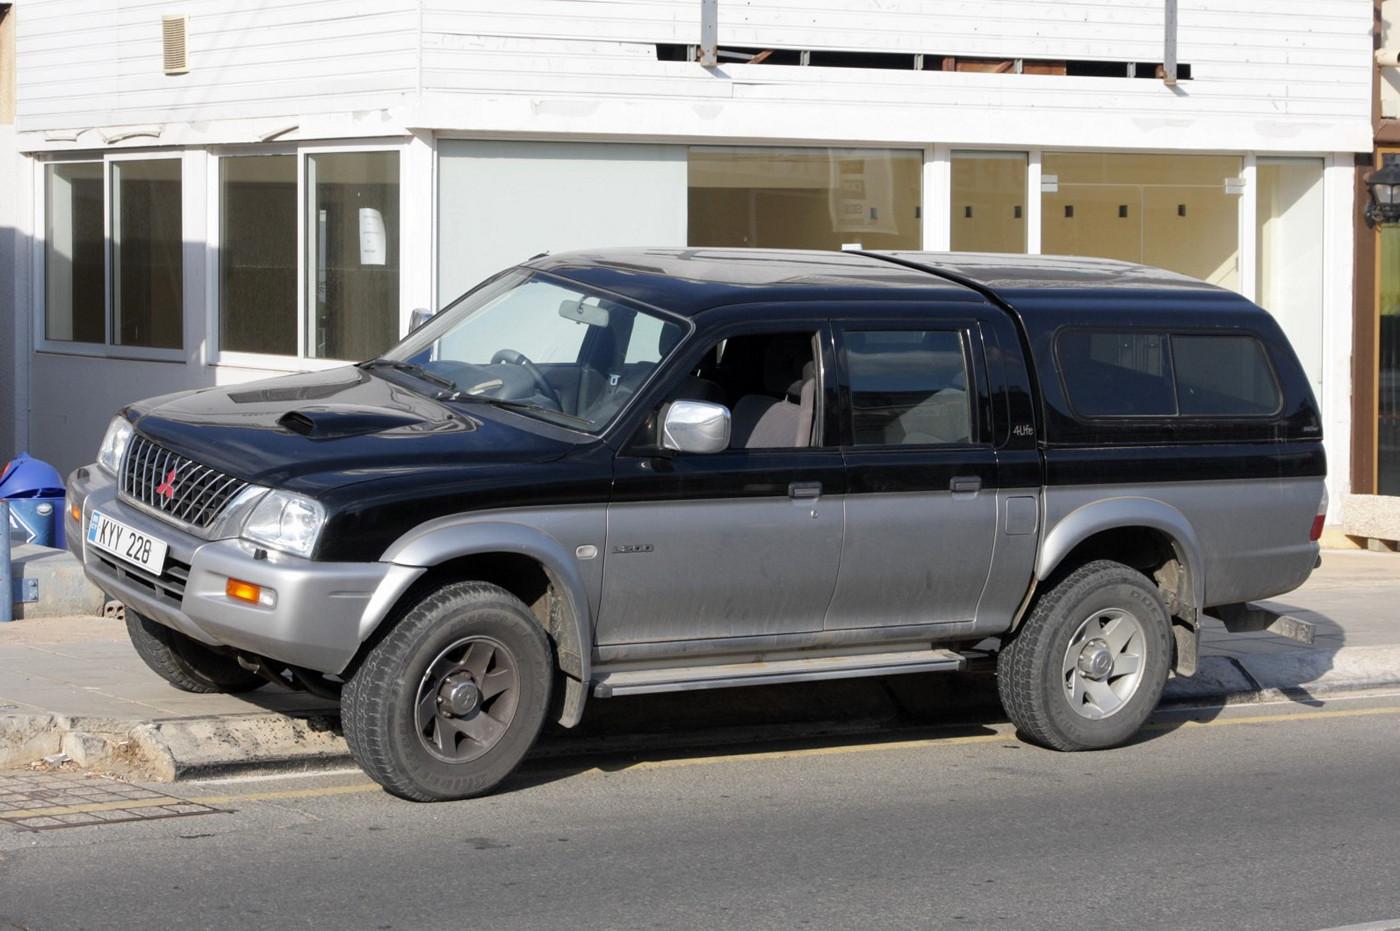 Пикап Mitsubishi L200 #KYY 228. Республика Кипр, муниципалитет Айя-Напа, Пернера